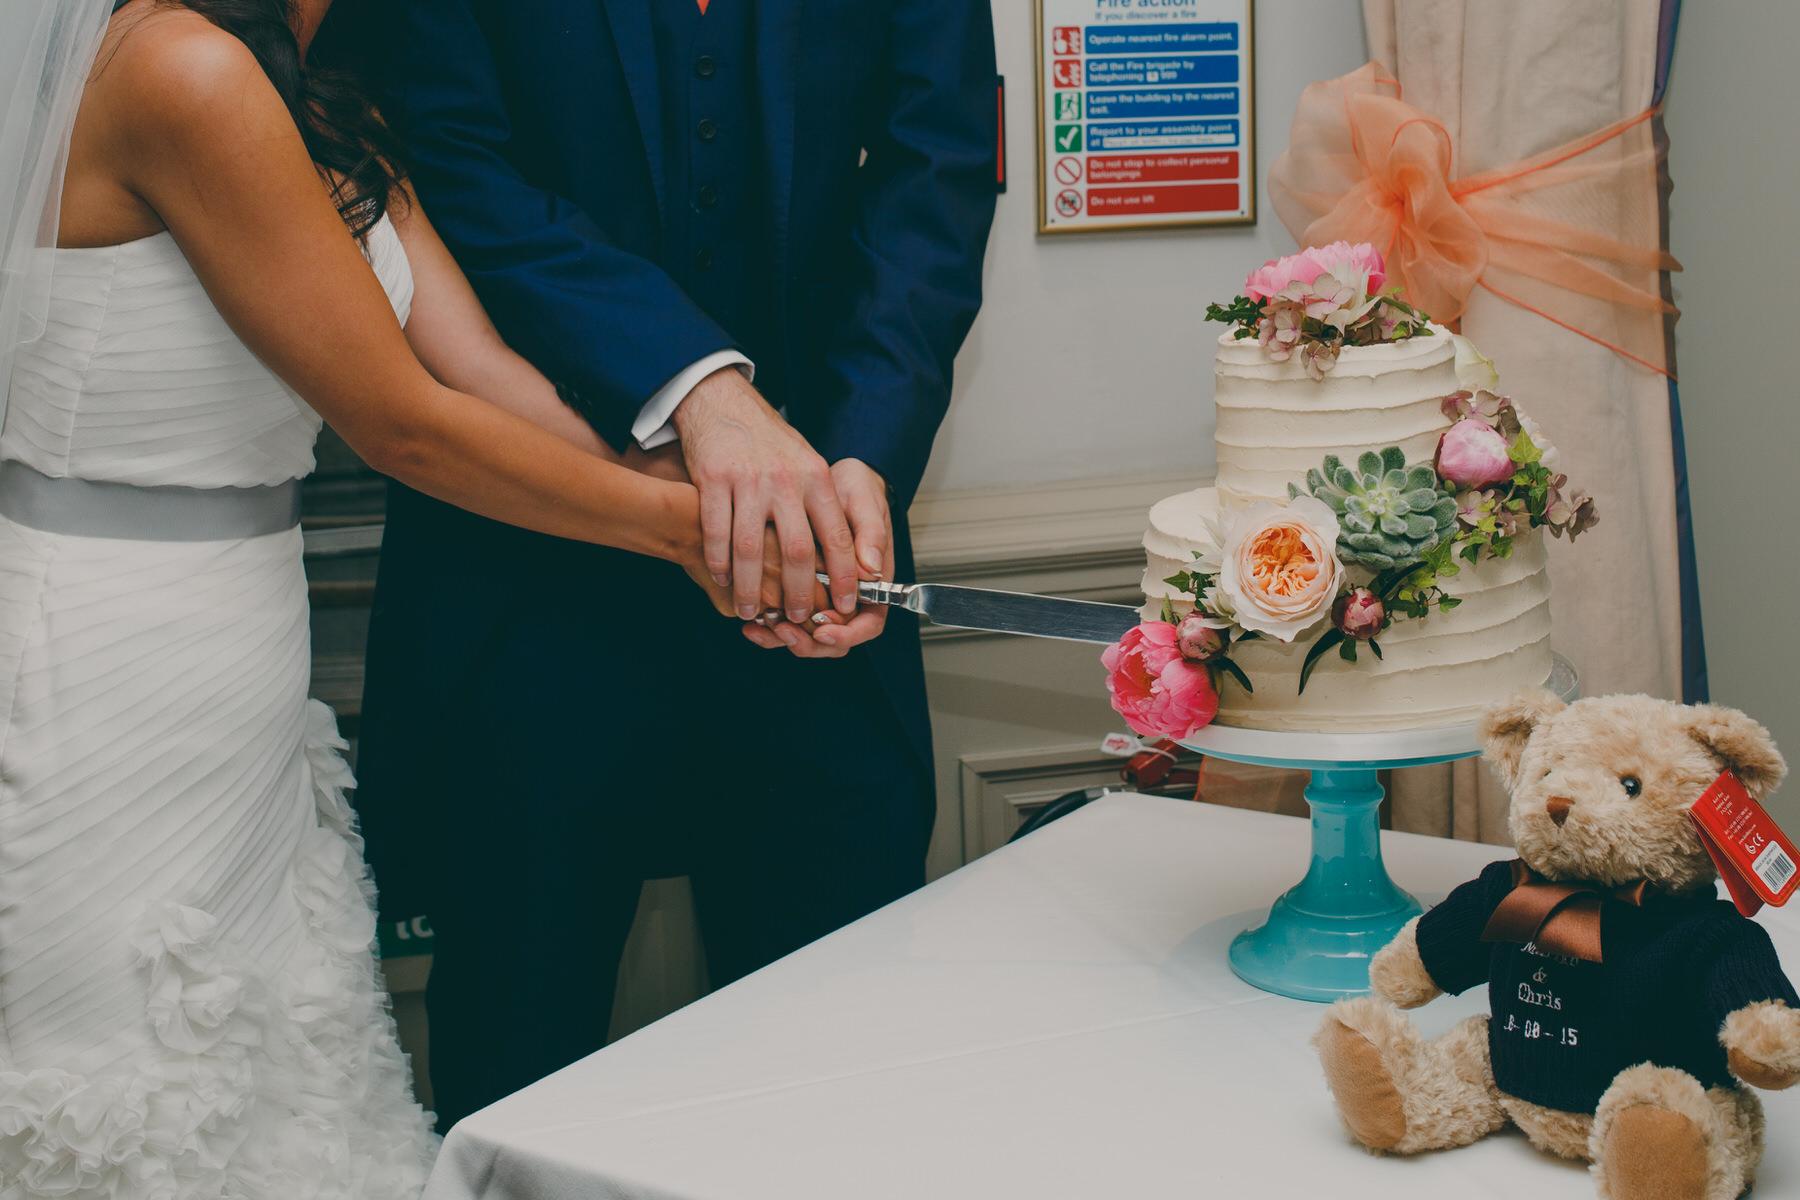 584 cake cutting wedding.jpg